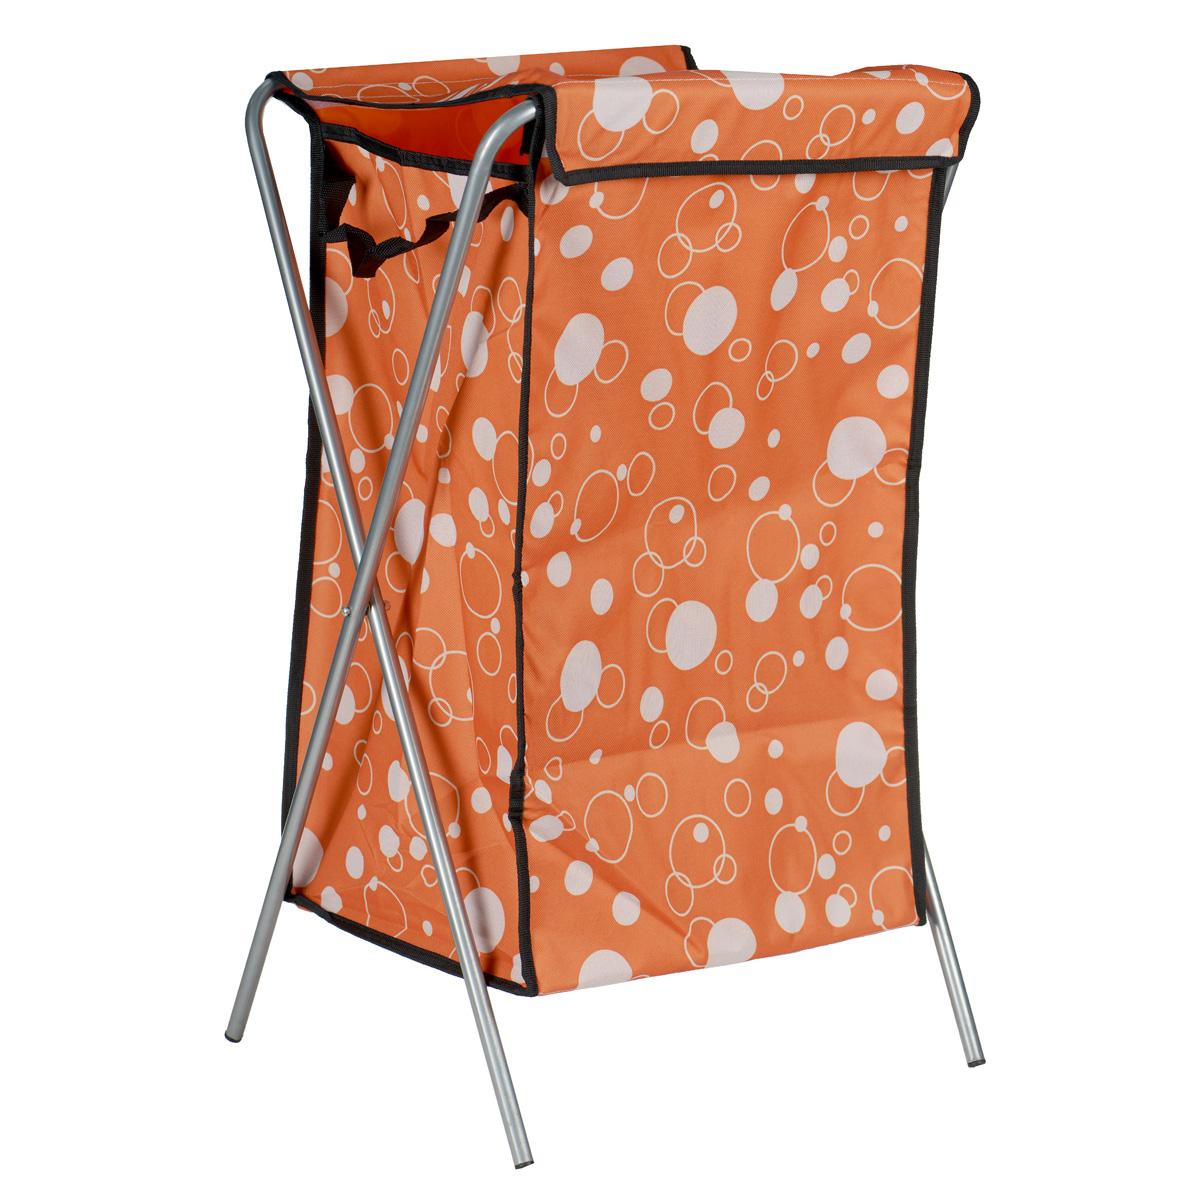 Корзина для белья Пузыри, цвет: оранжевый, 40 см х 40 см х 65 см391602Корзина для белья изготовлена из высококачественного цветного полиэстера, декорирована ярким красочным рисунком и предназначена для сбора и хранения вещей перед стиркой. Корзина имеет алюминиевый складывающийся каркас. Компактная и легкая, она не занимает много места, аккуратно хранит белье. Изделие оснащено крышкой из полиэстера. Такая корзина станет незаменимым аксессуаром ванной комнаты.